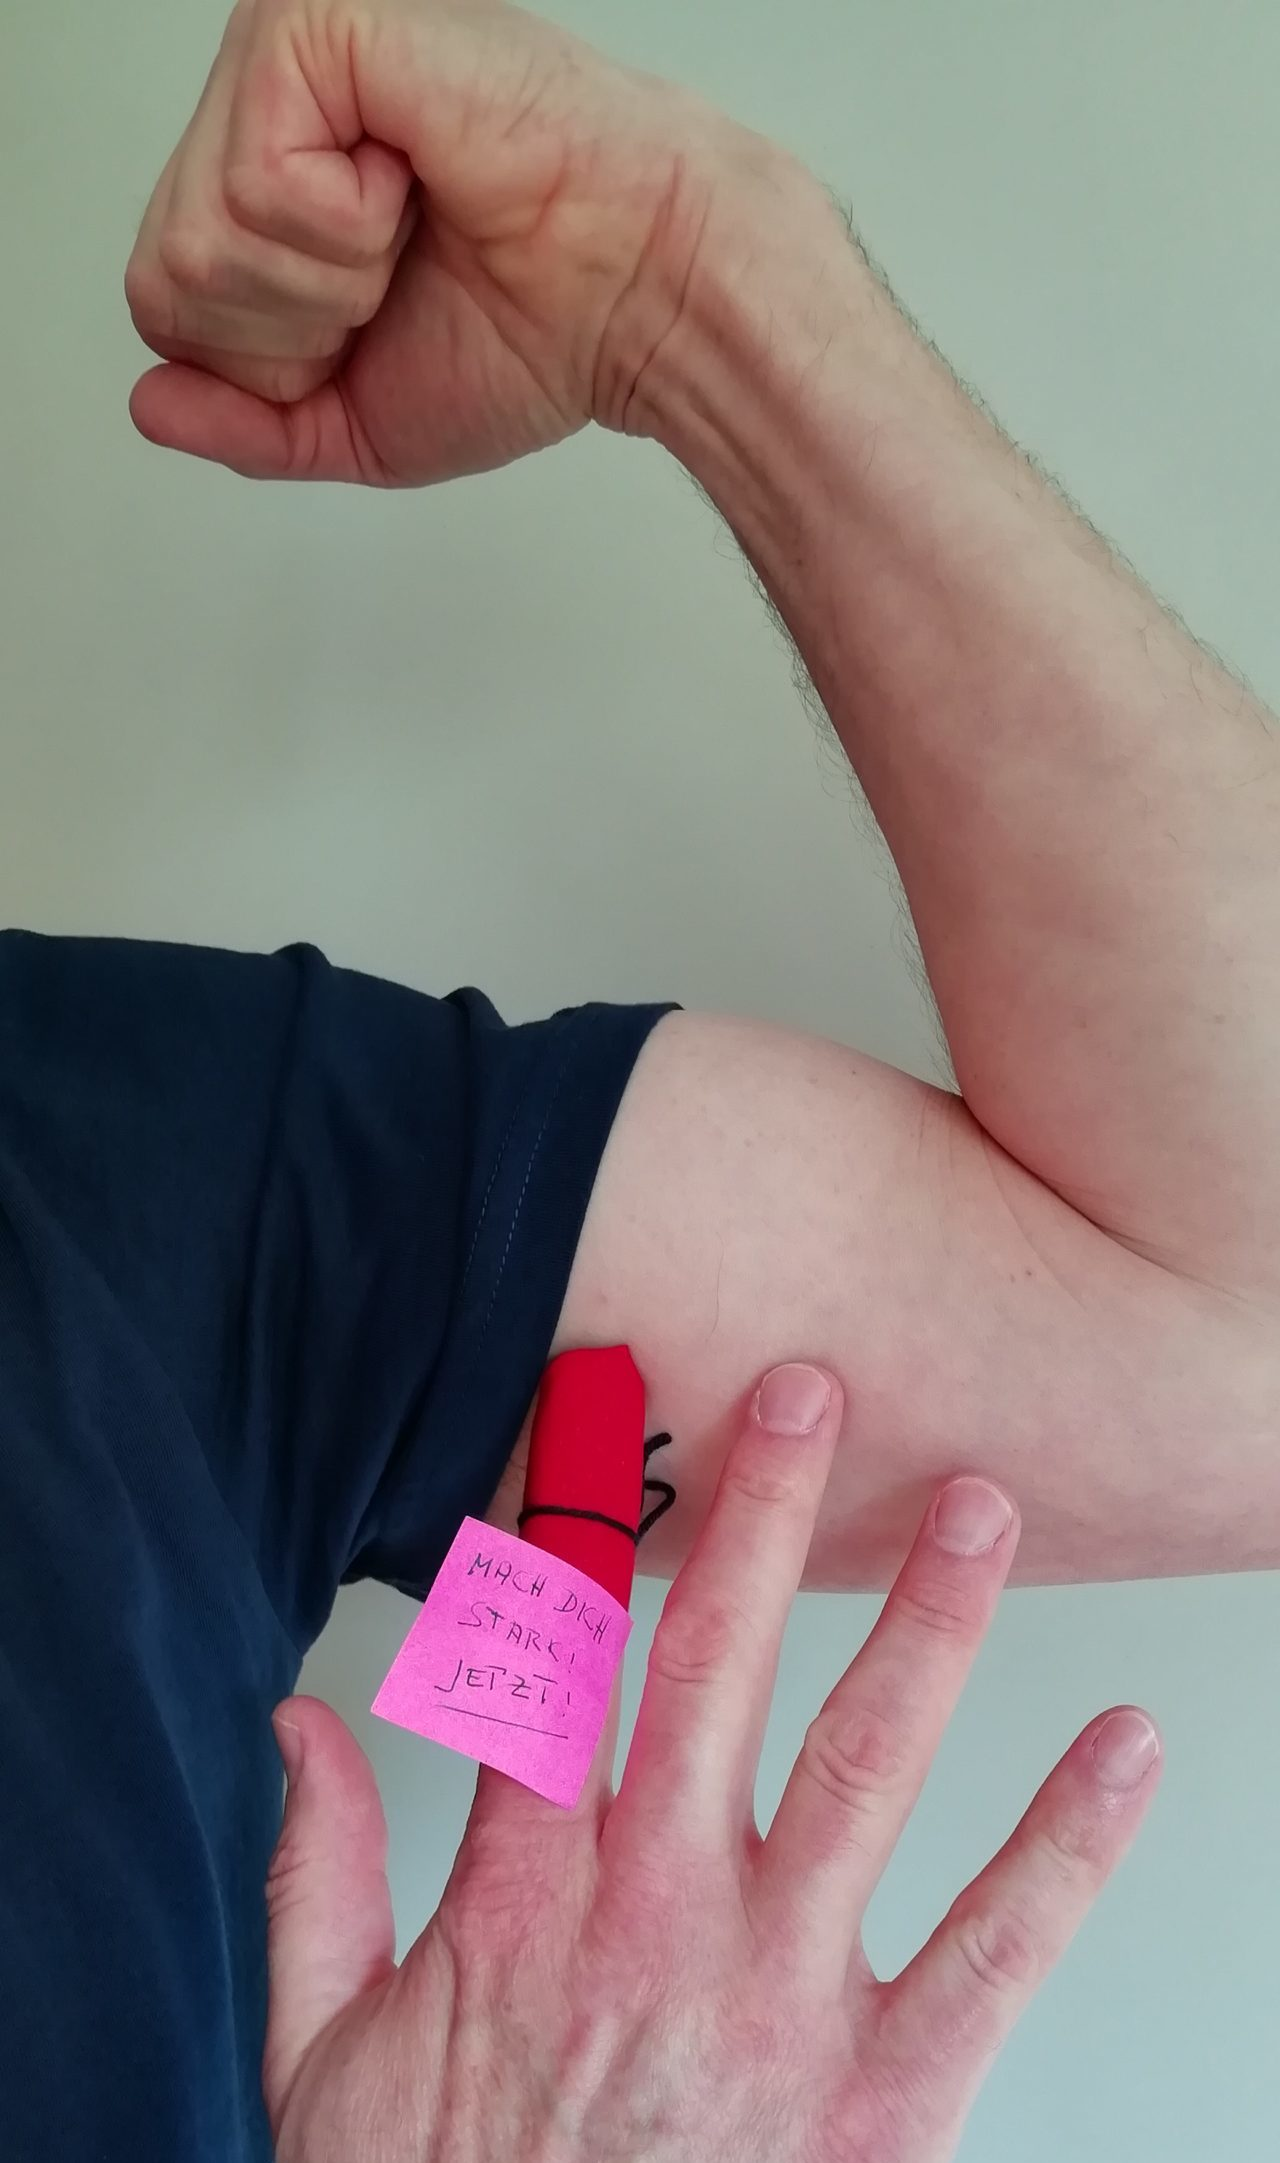 Ein Männerarm im rechten Winkel angespannt. Davor eine Hand mit einem roten Zettel. Die Aufschrift lautet: MACH DICH STARK - Jetzt!